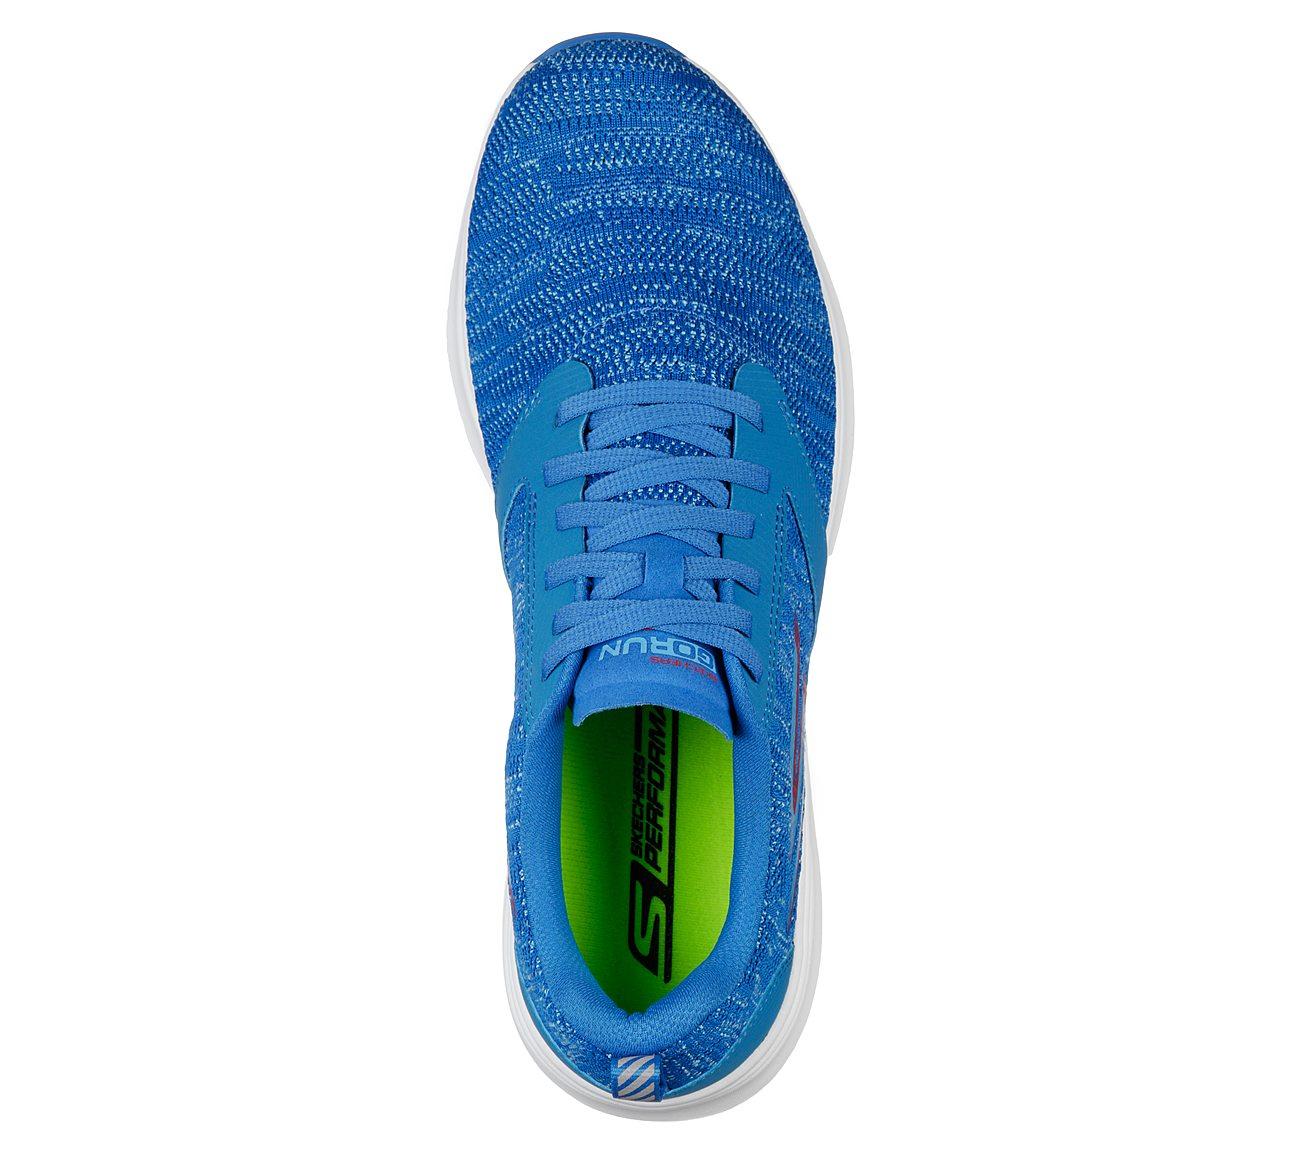 Buy SKECHERS Skechers GOrun Ride 7 Skechers Performance Shoes only ... 8783f387f3